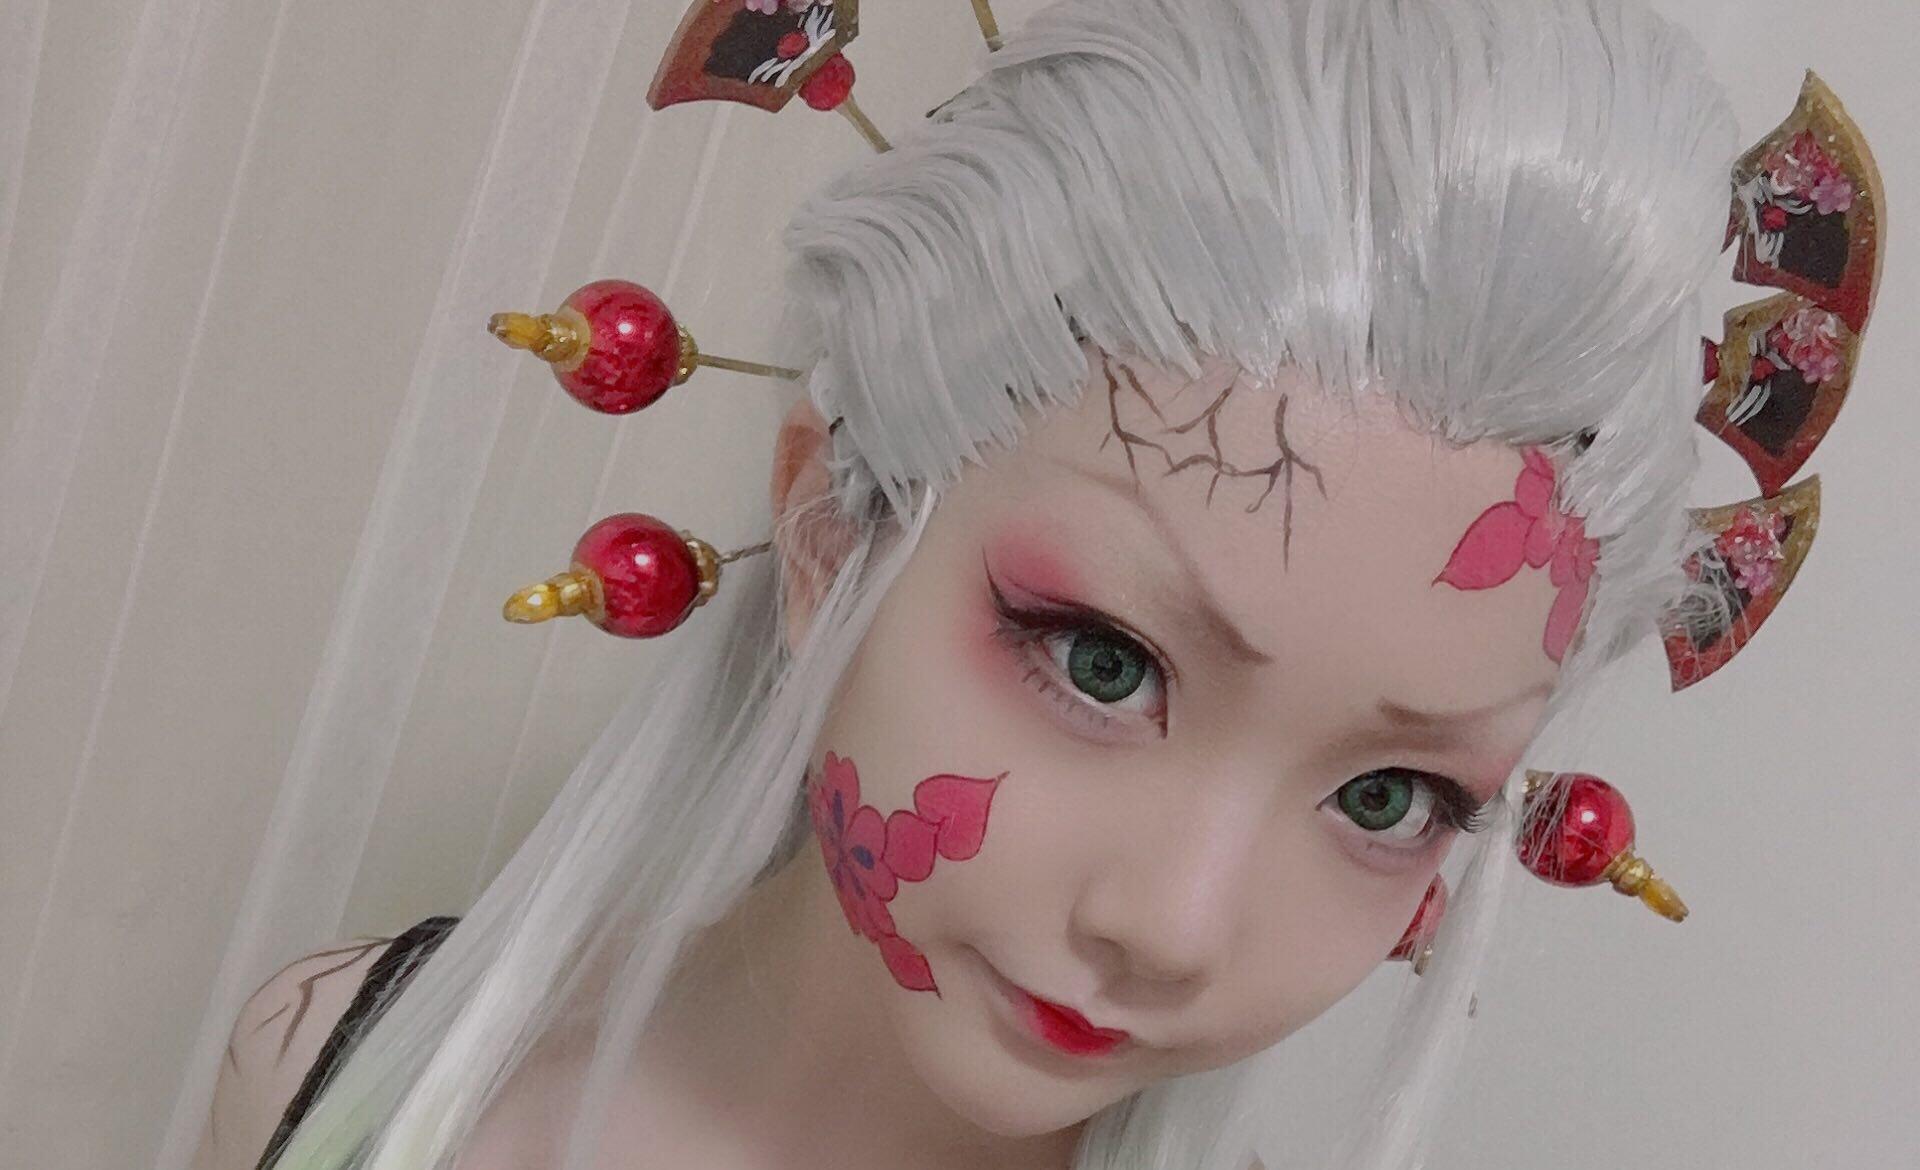 kuren_chan 1319954632987213824_p0